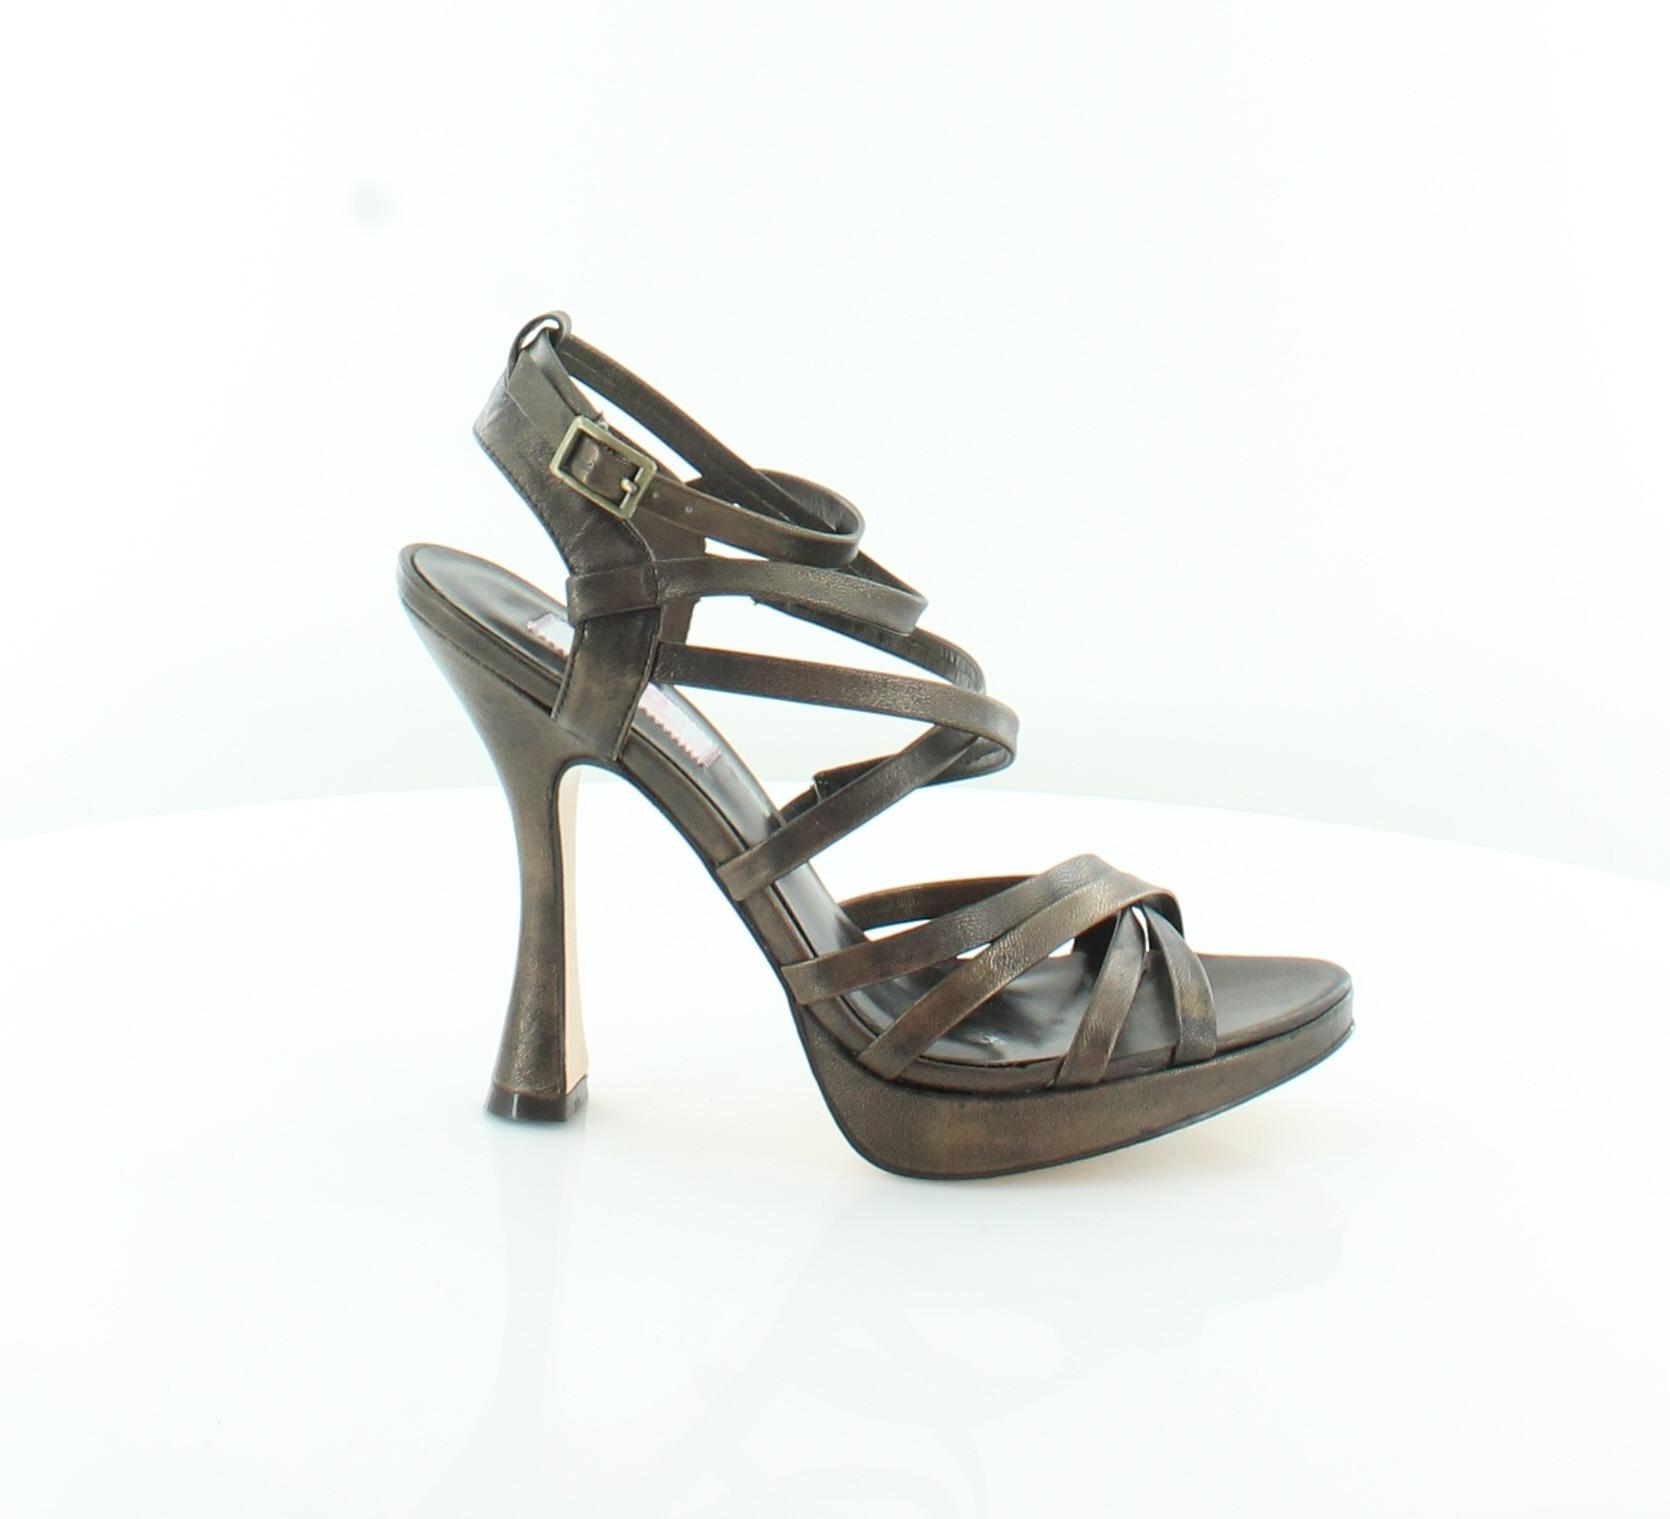 JLO By Jennifert Lop[ez Fantasy Brown Womens shoes Size 6.5 M Sandals MSRP  115